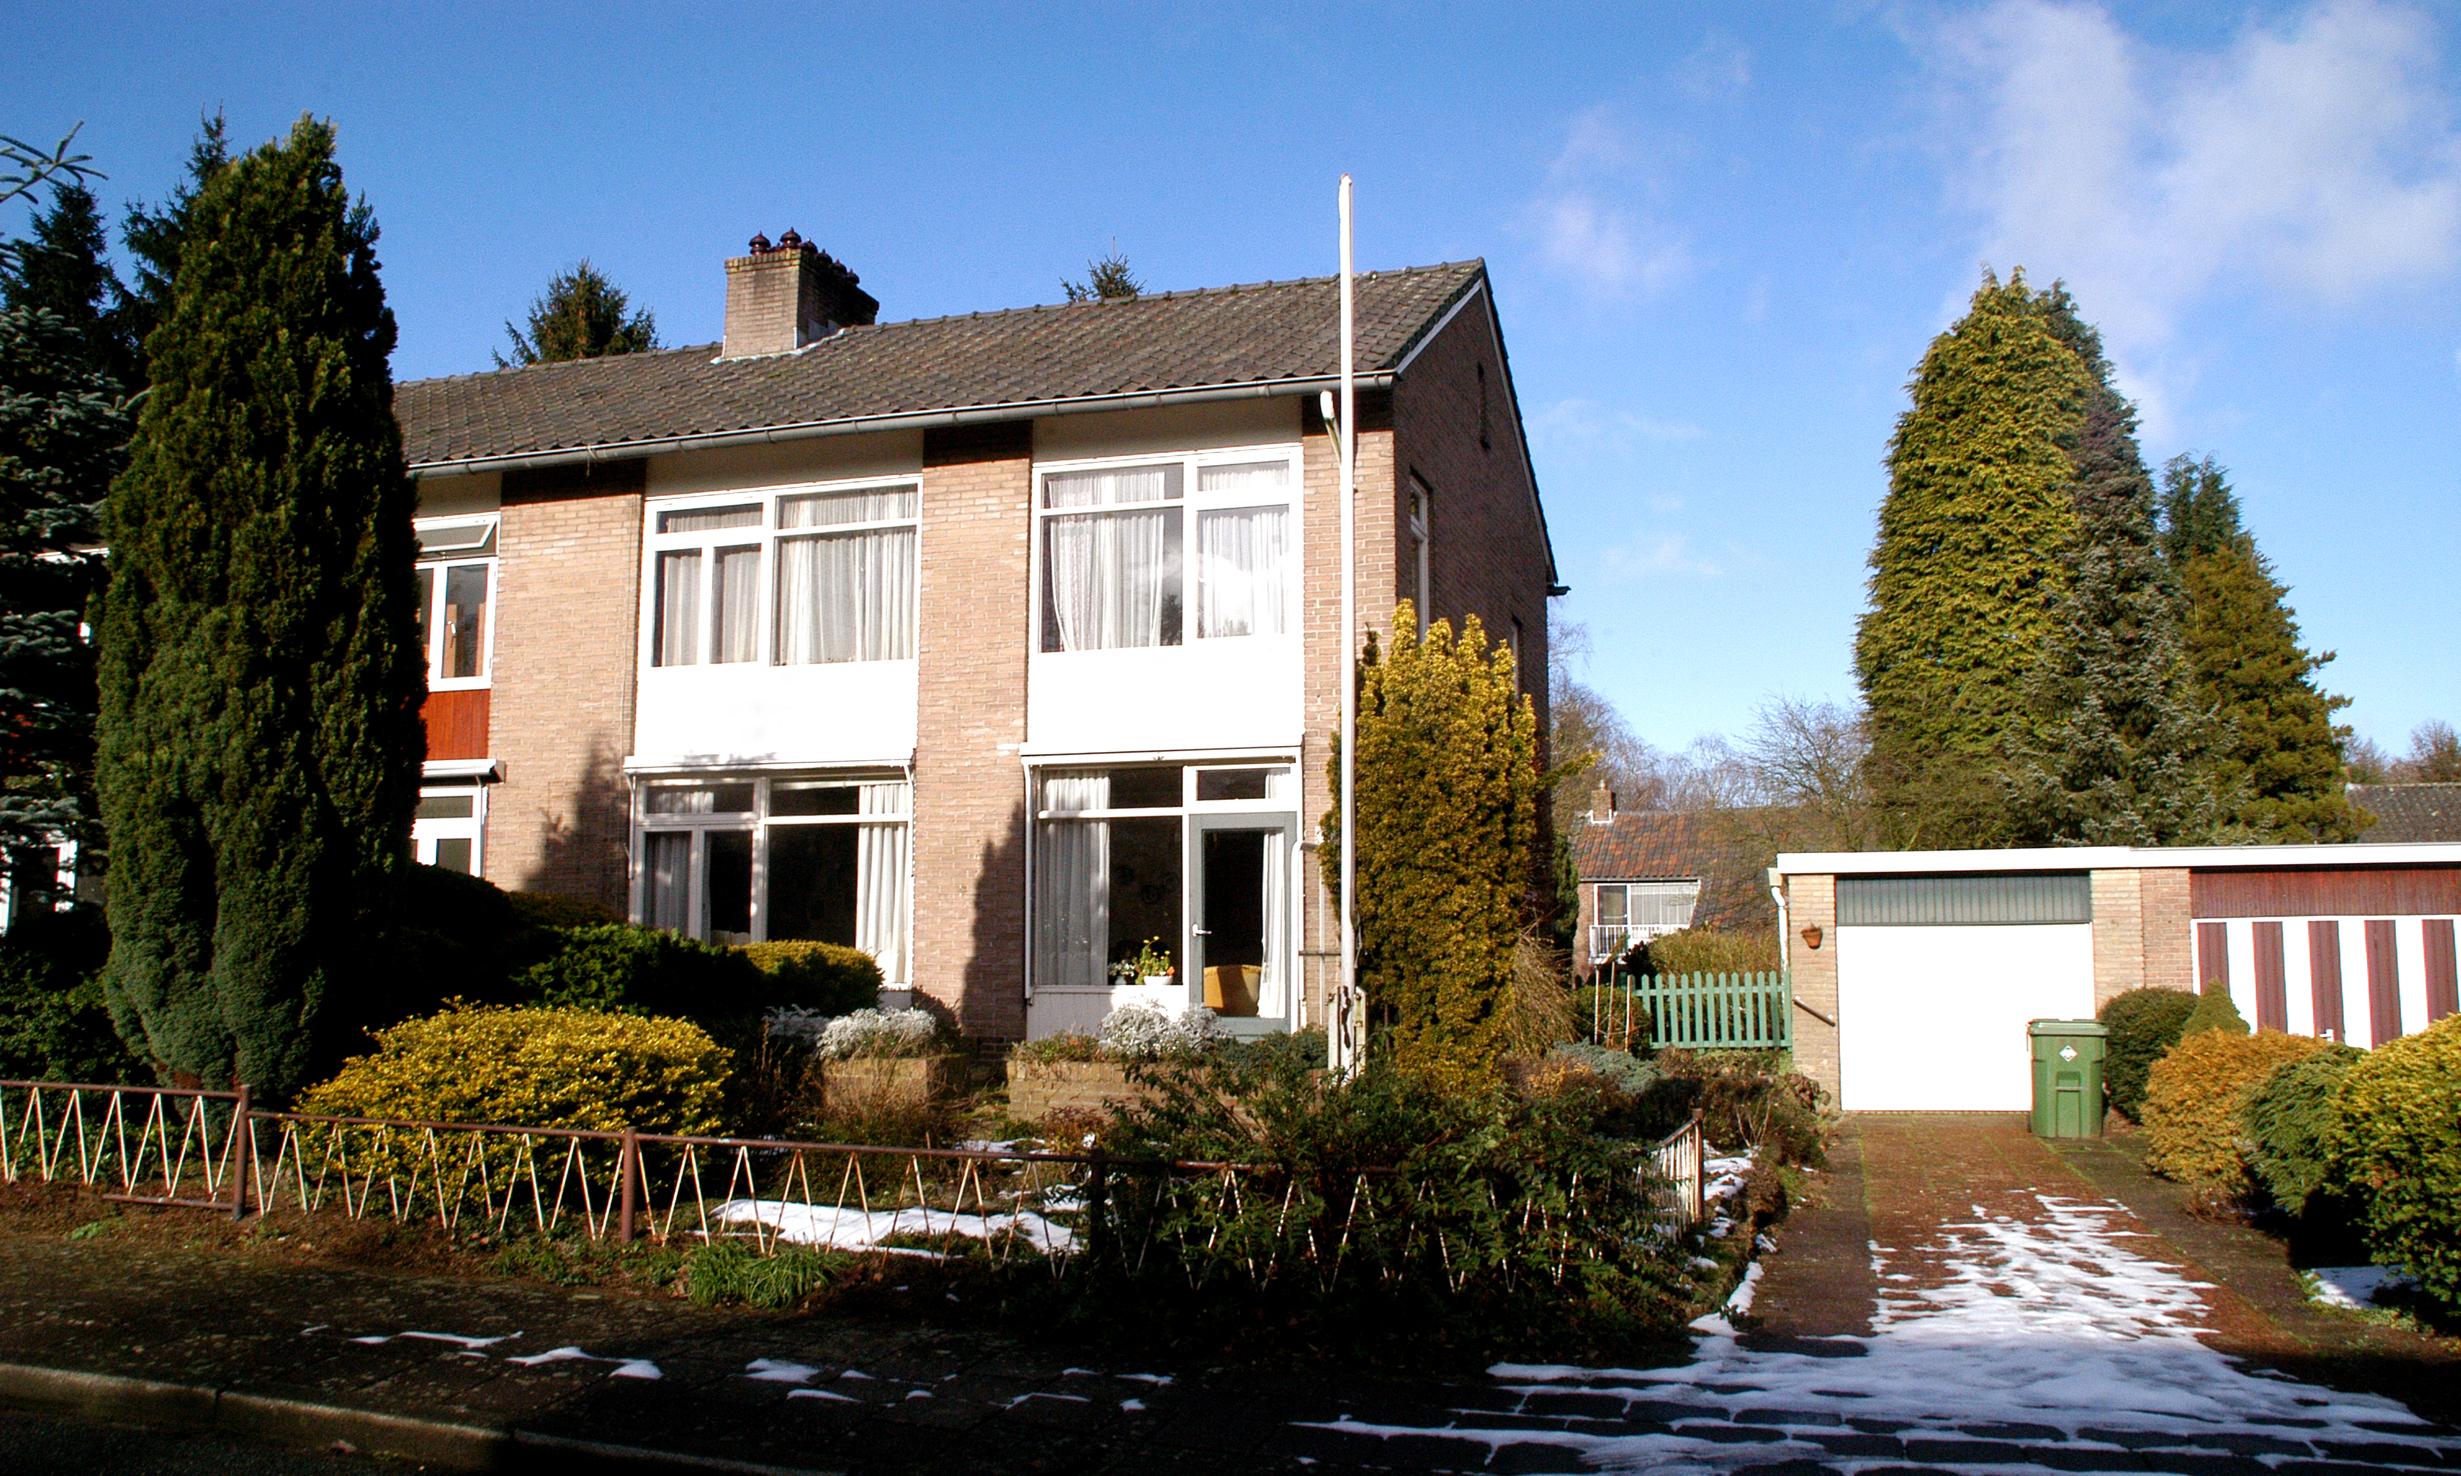 1-Secr.-Kuitstraat-30-Oosterbeek-287.500